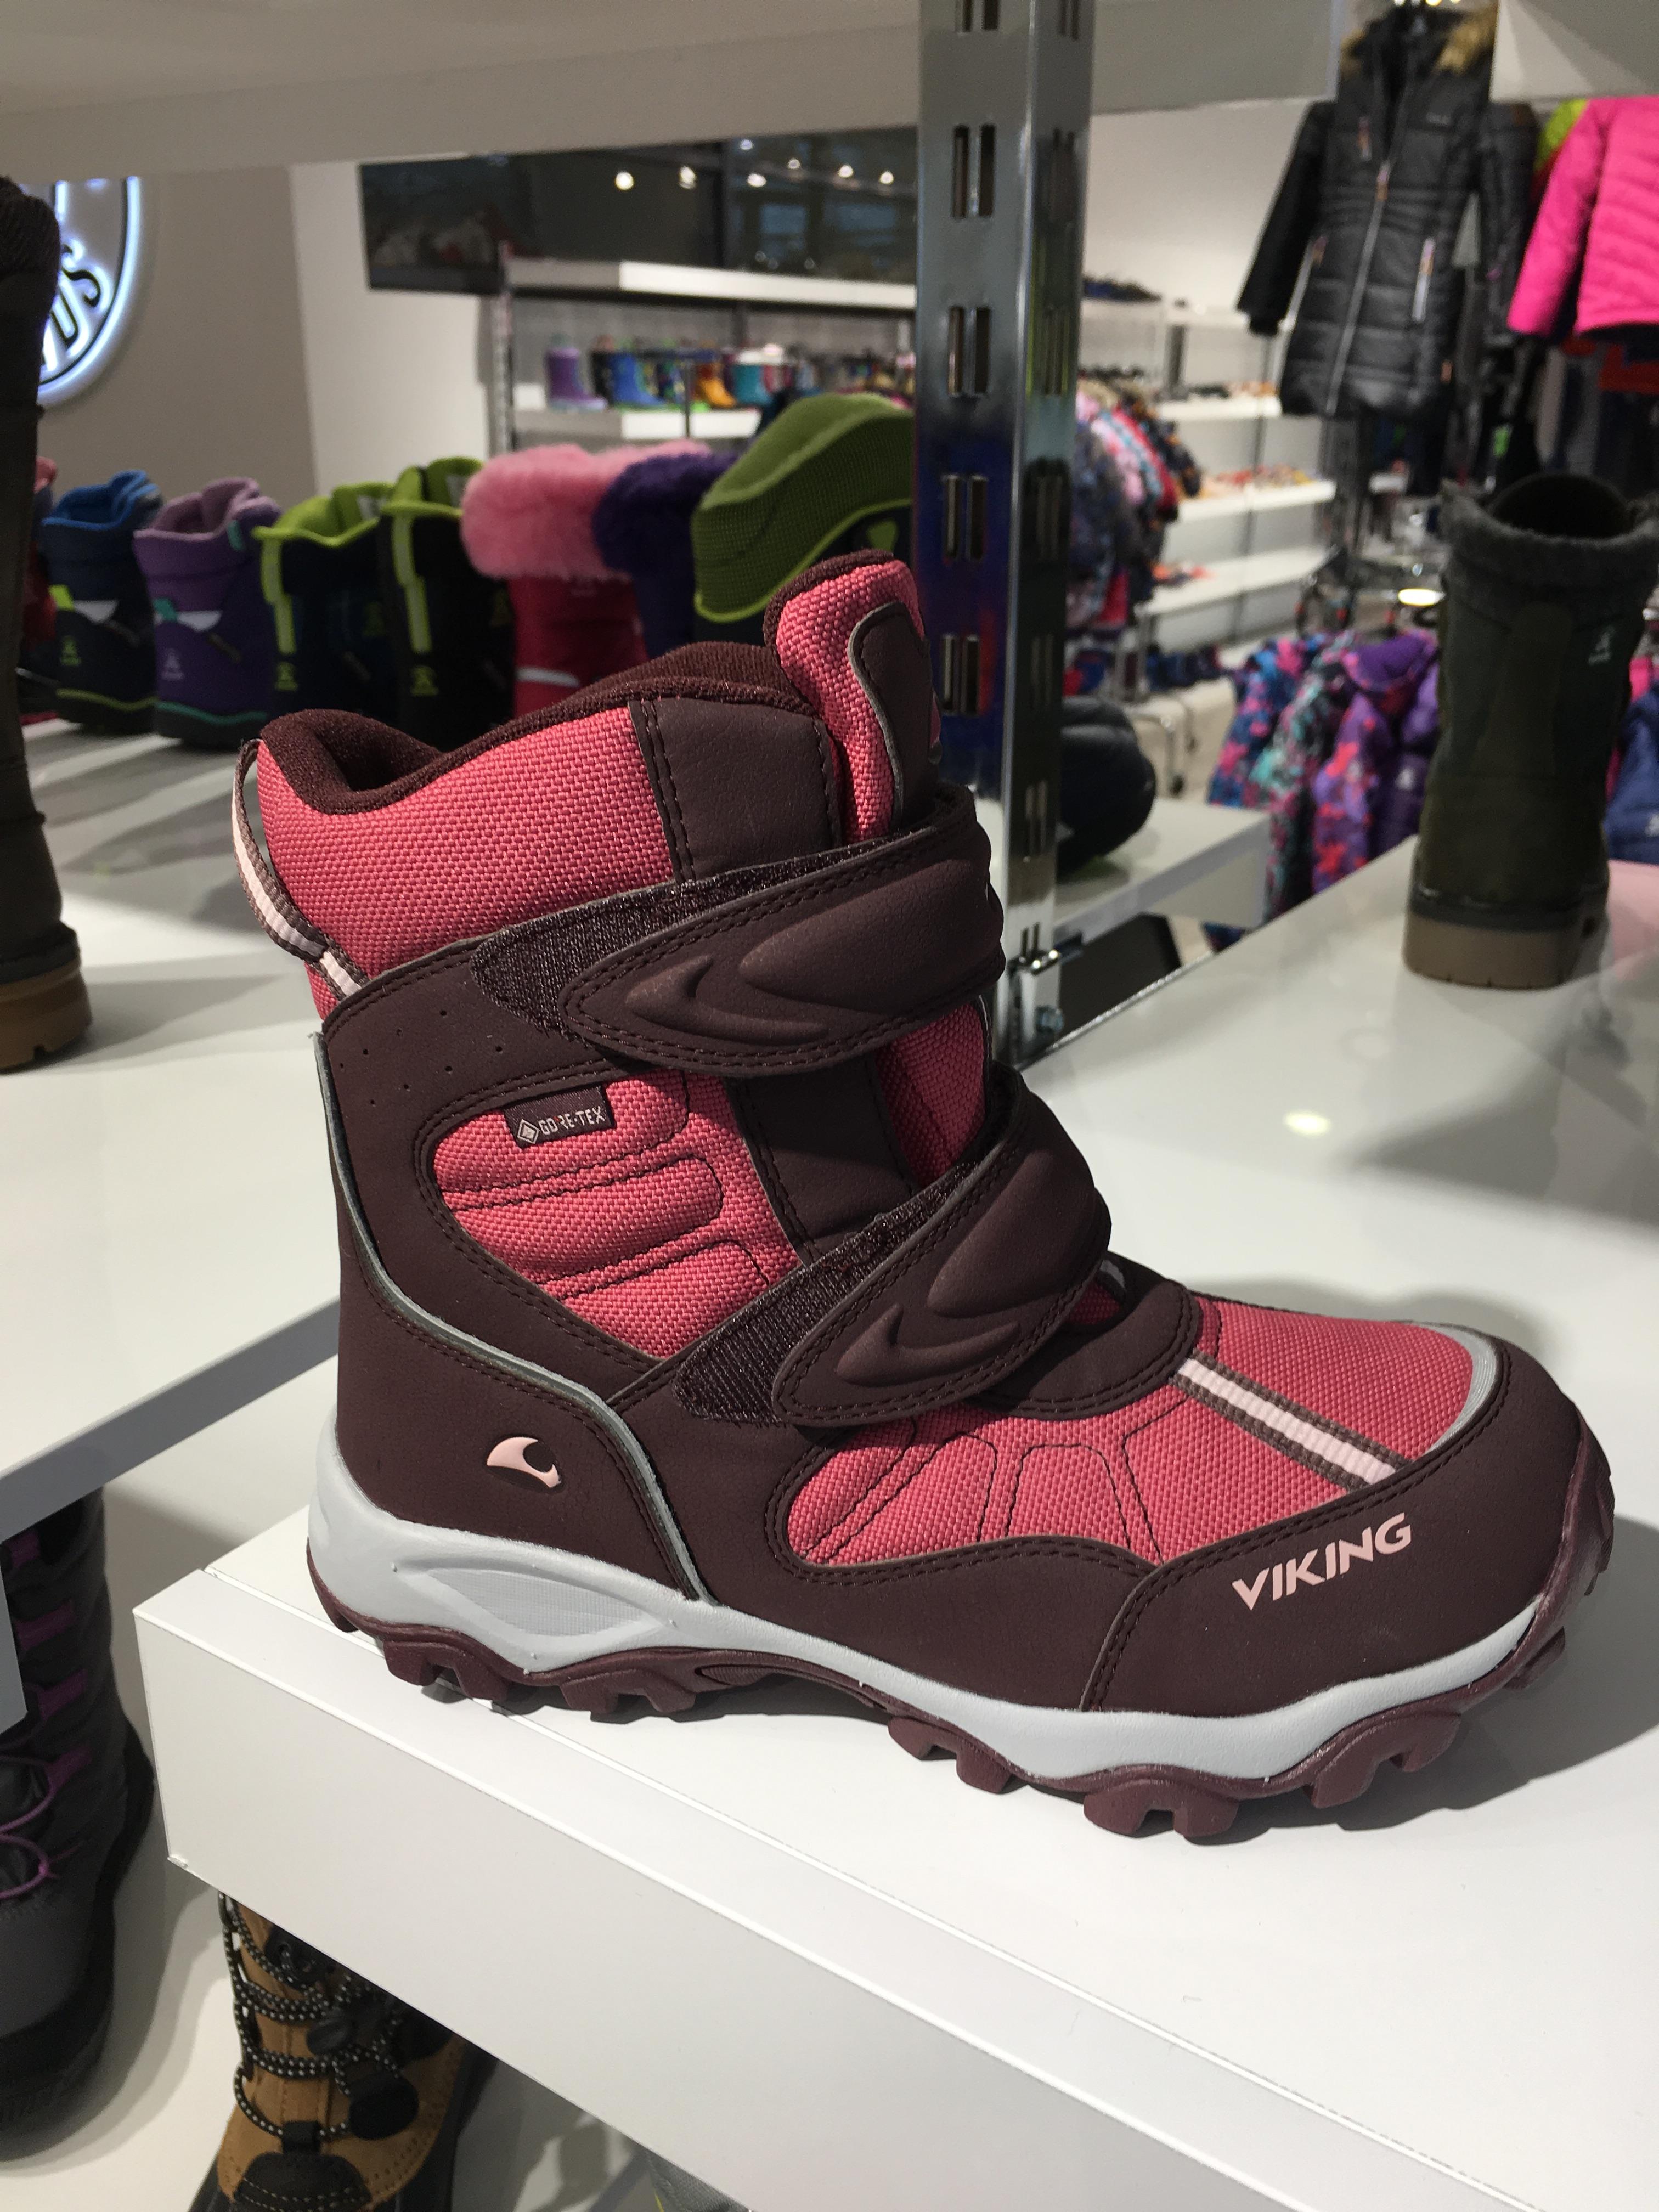 продажа Viking, зимние ботинки для ребенка, зимние детские сапоги со скидкой